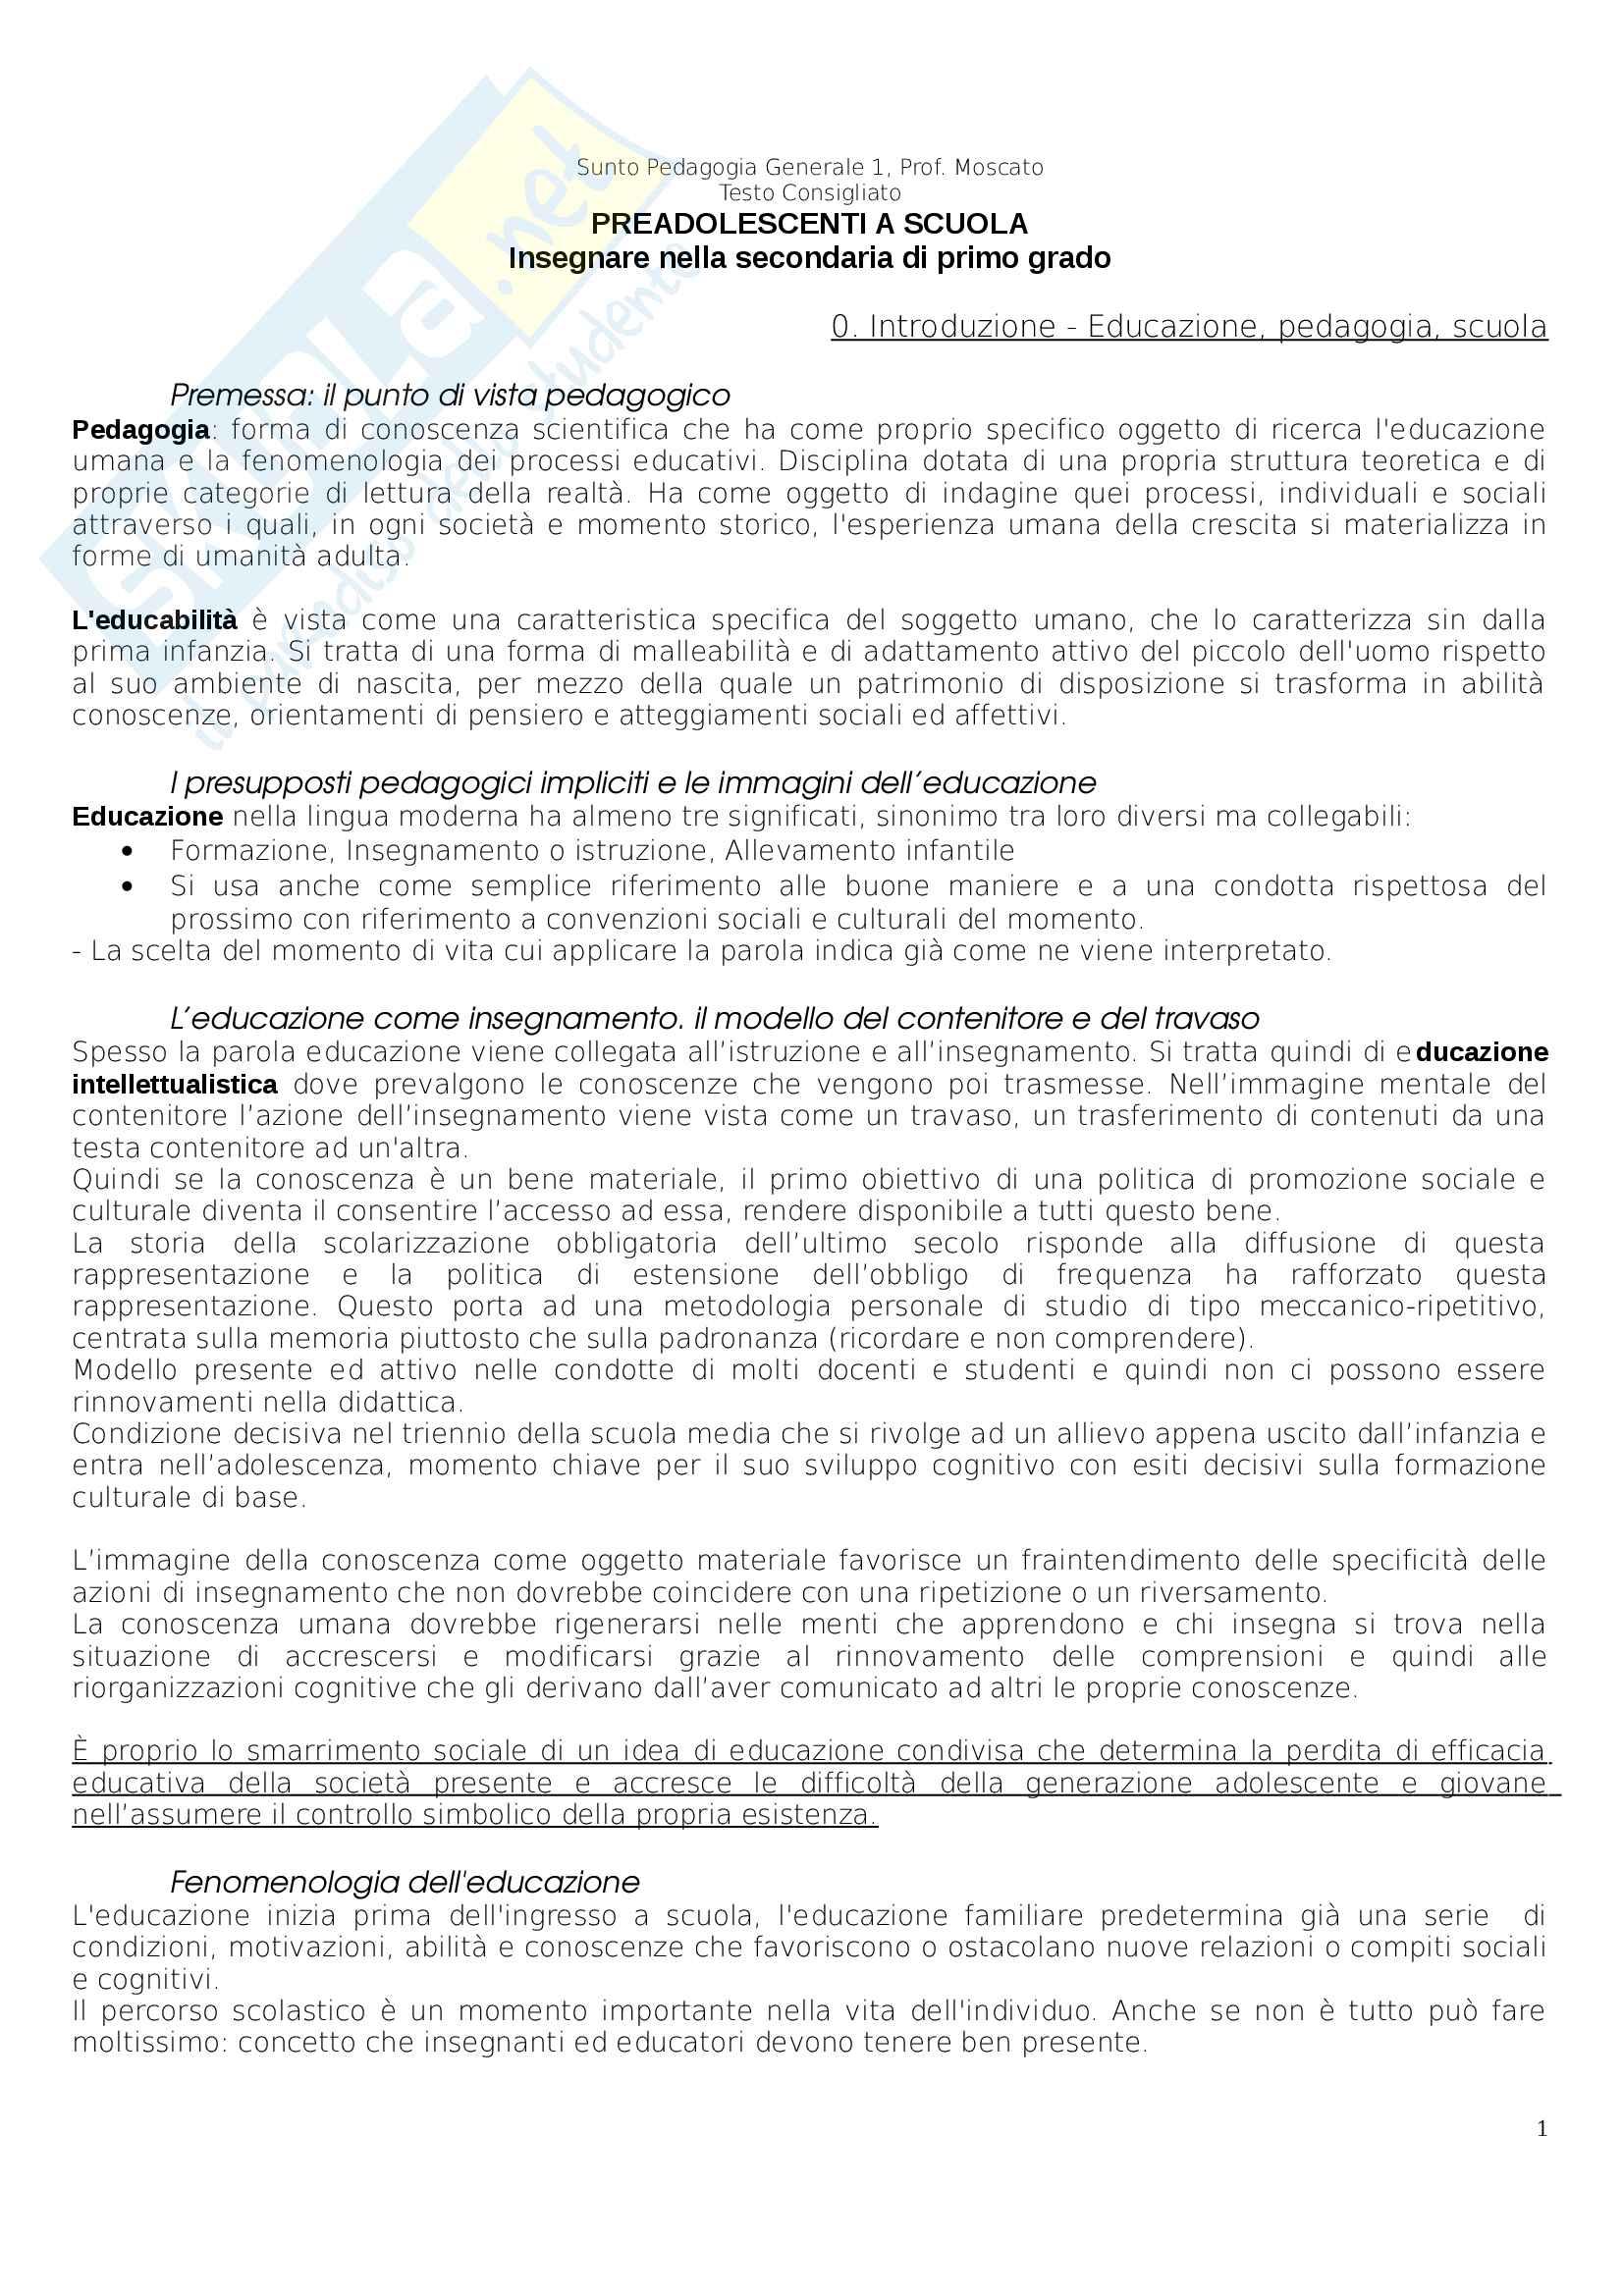 Riassunto esame Pedagogia Generale, Prof. Moscato, libro consigliato Preadolescenti a Scuola, Moscato